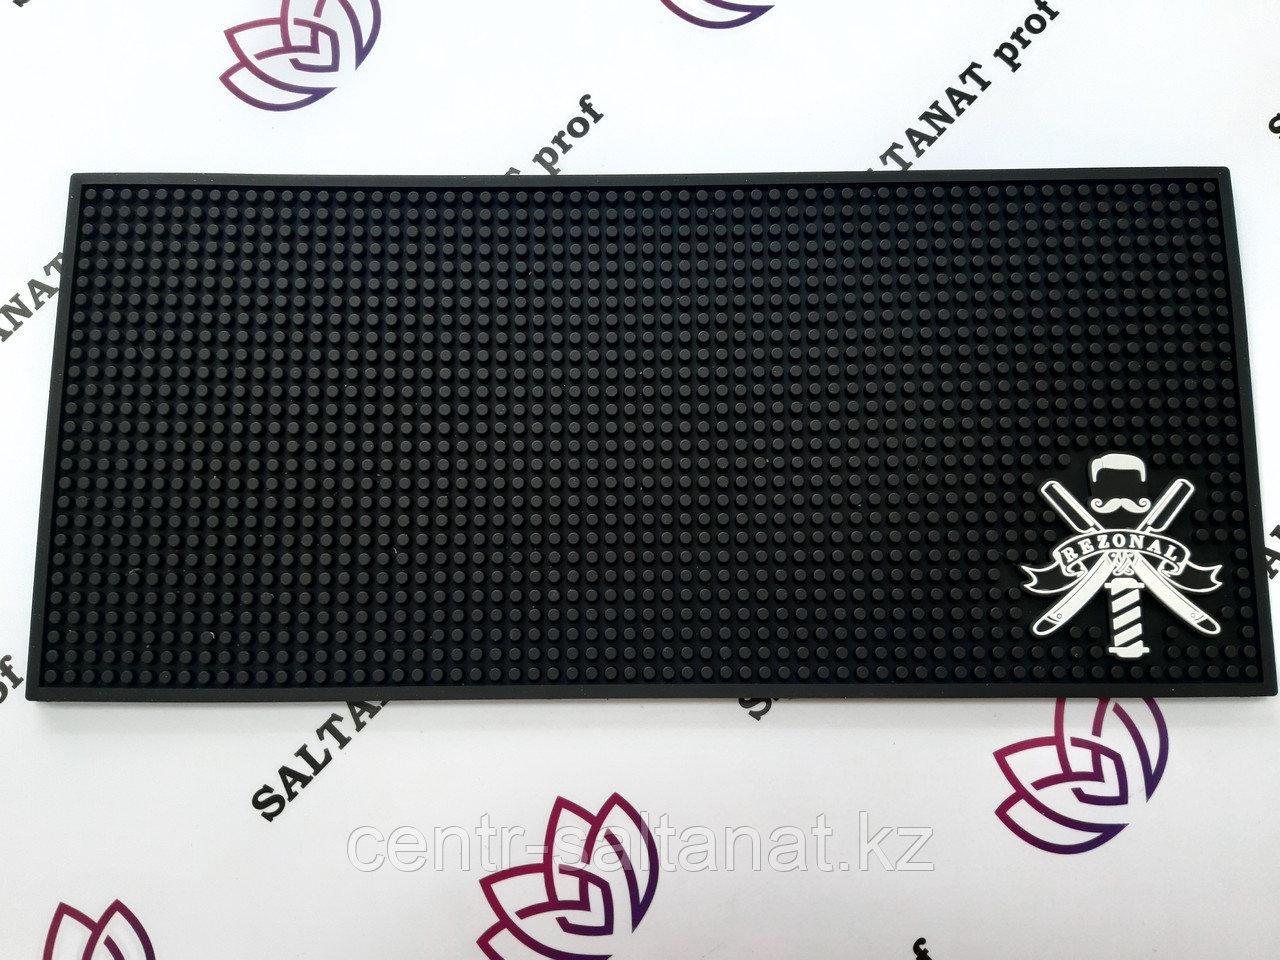 Резиновый антискользящий коврик для барбера 20x45 см